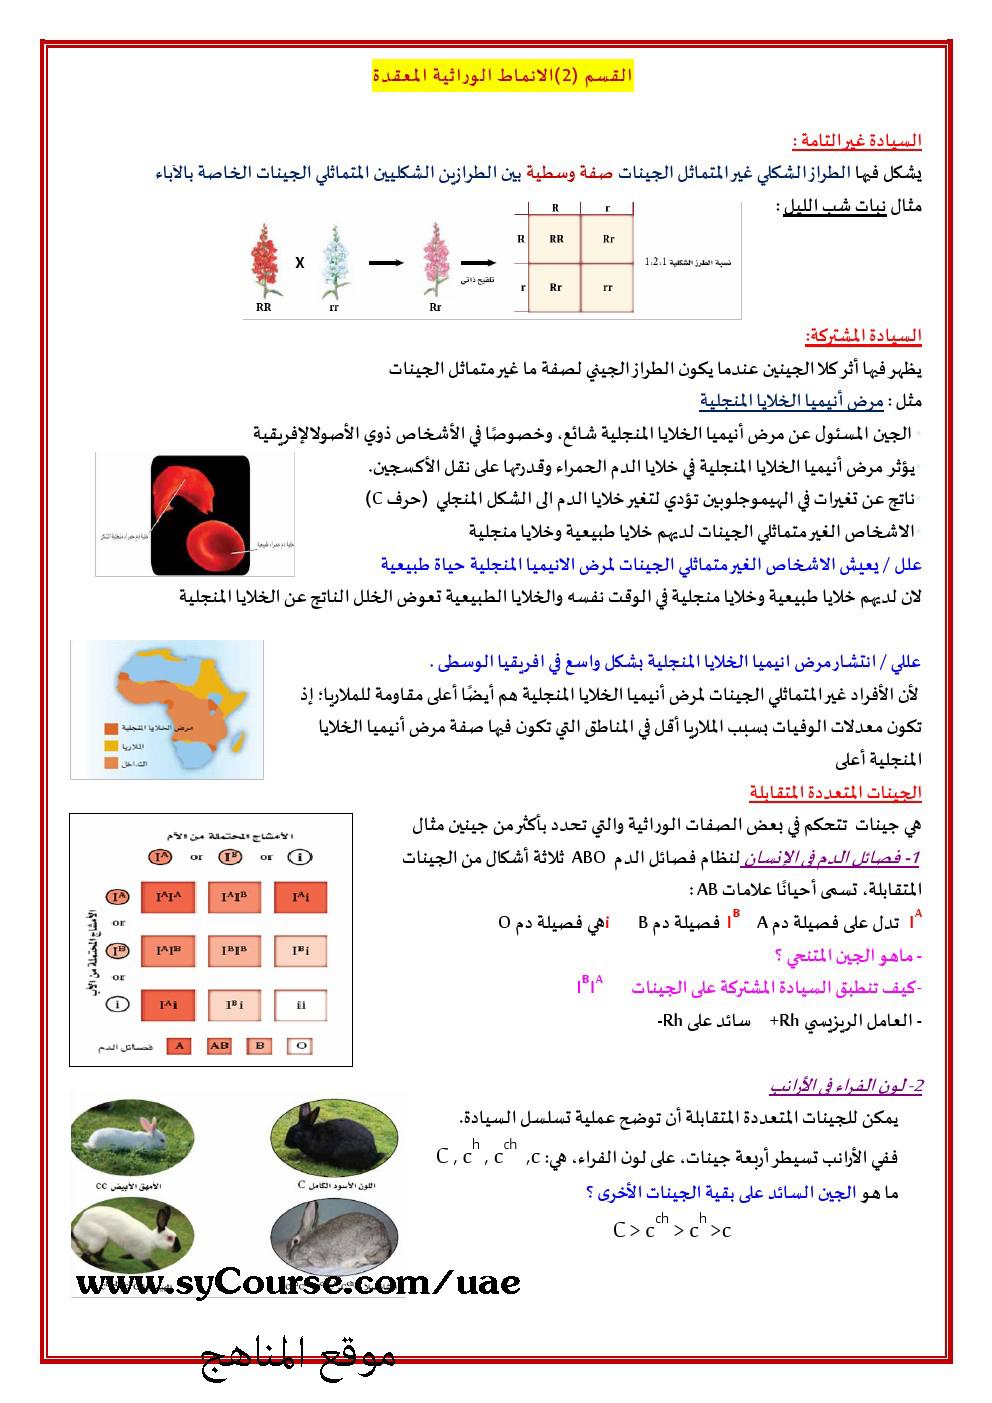 متقدم الوحدة التاسعة الوراثة المعقدة والوراثة البشرية الصف الثاني عشر علوم الفصل الأول 2016 2017 المناهج الإماراتية